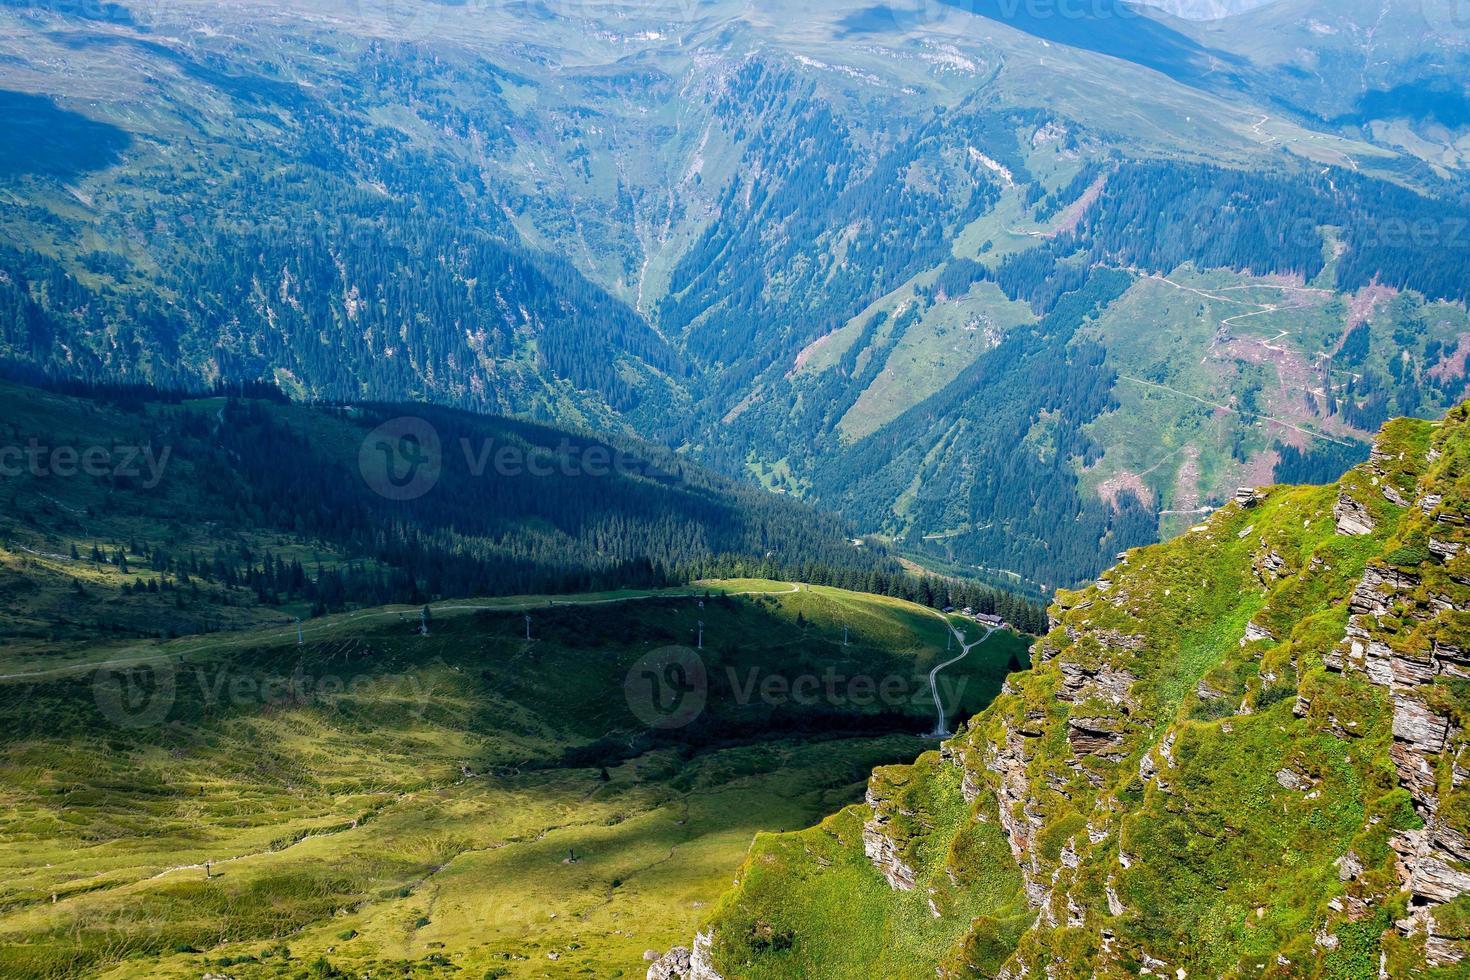 hermoso paisaje de los alpes austríacos, europa. foto